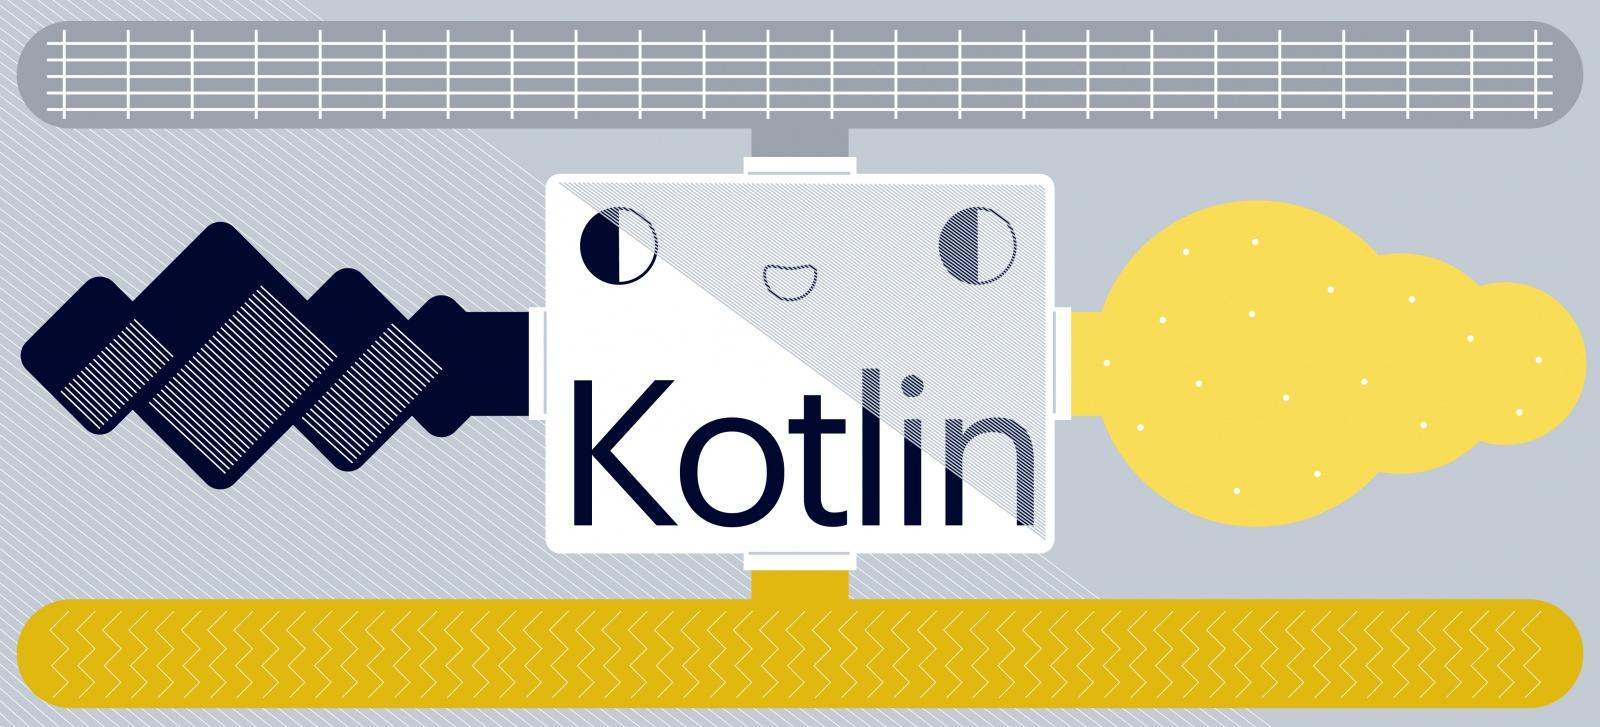 Расширения в Kotlin. Опасный атавизм или полезный инструмент? - 1